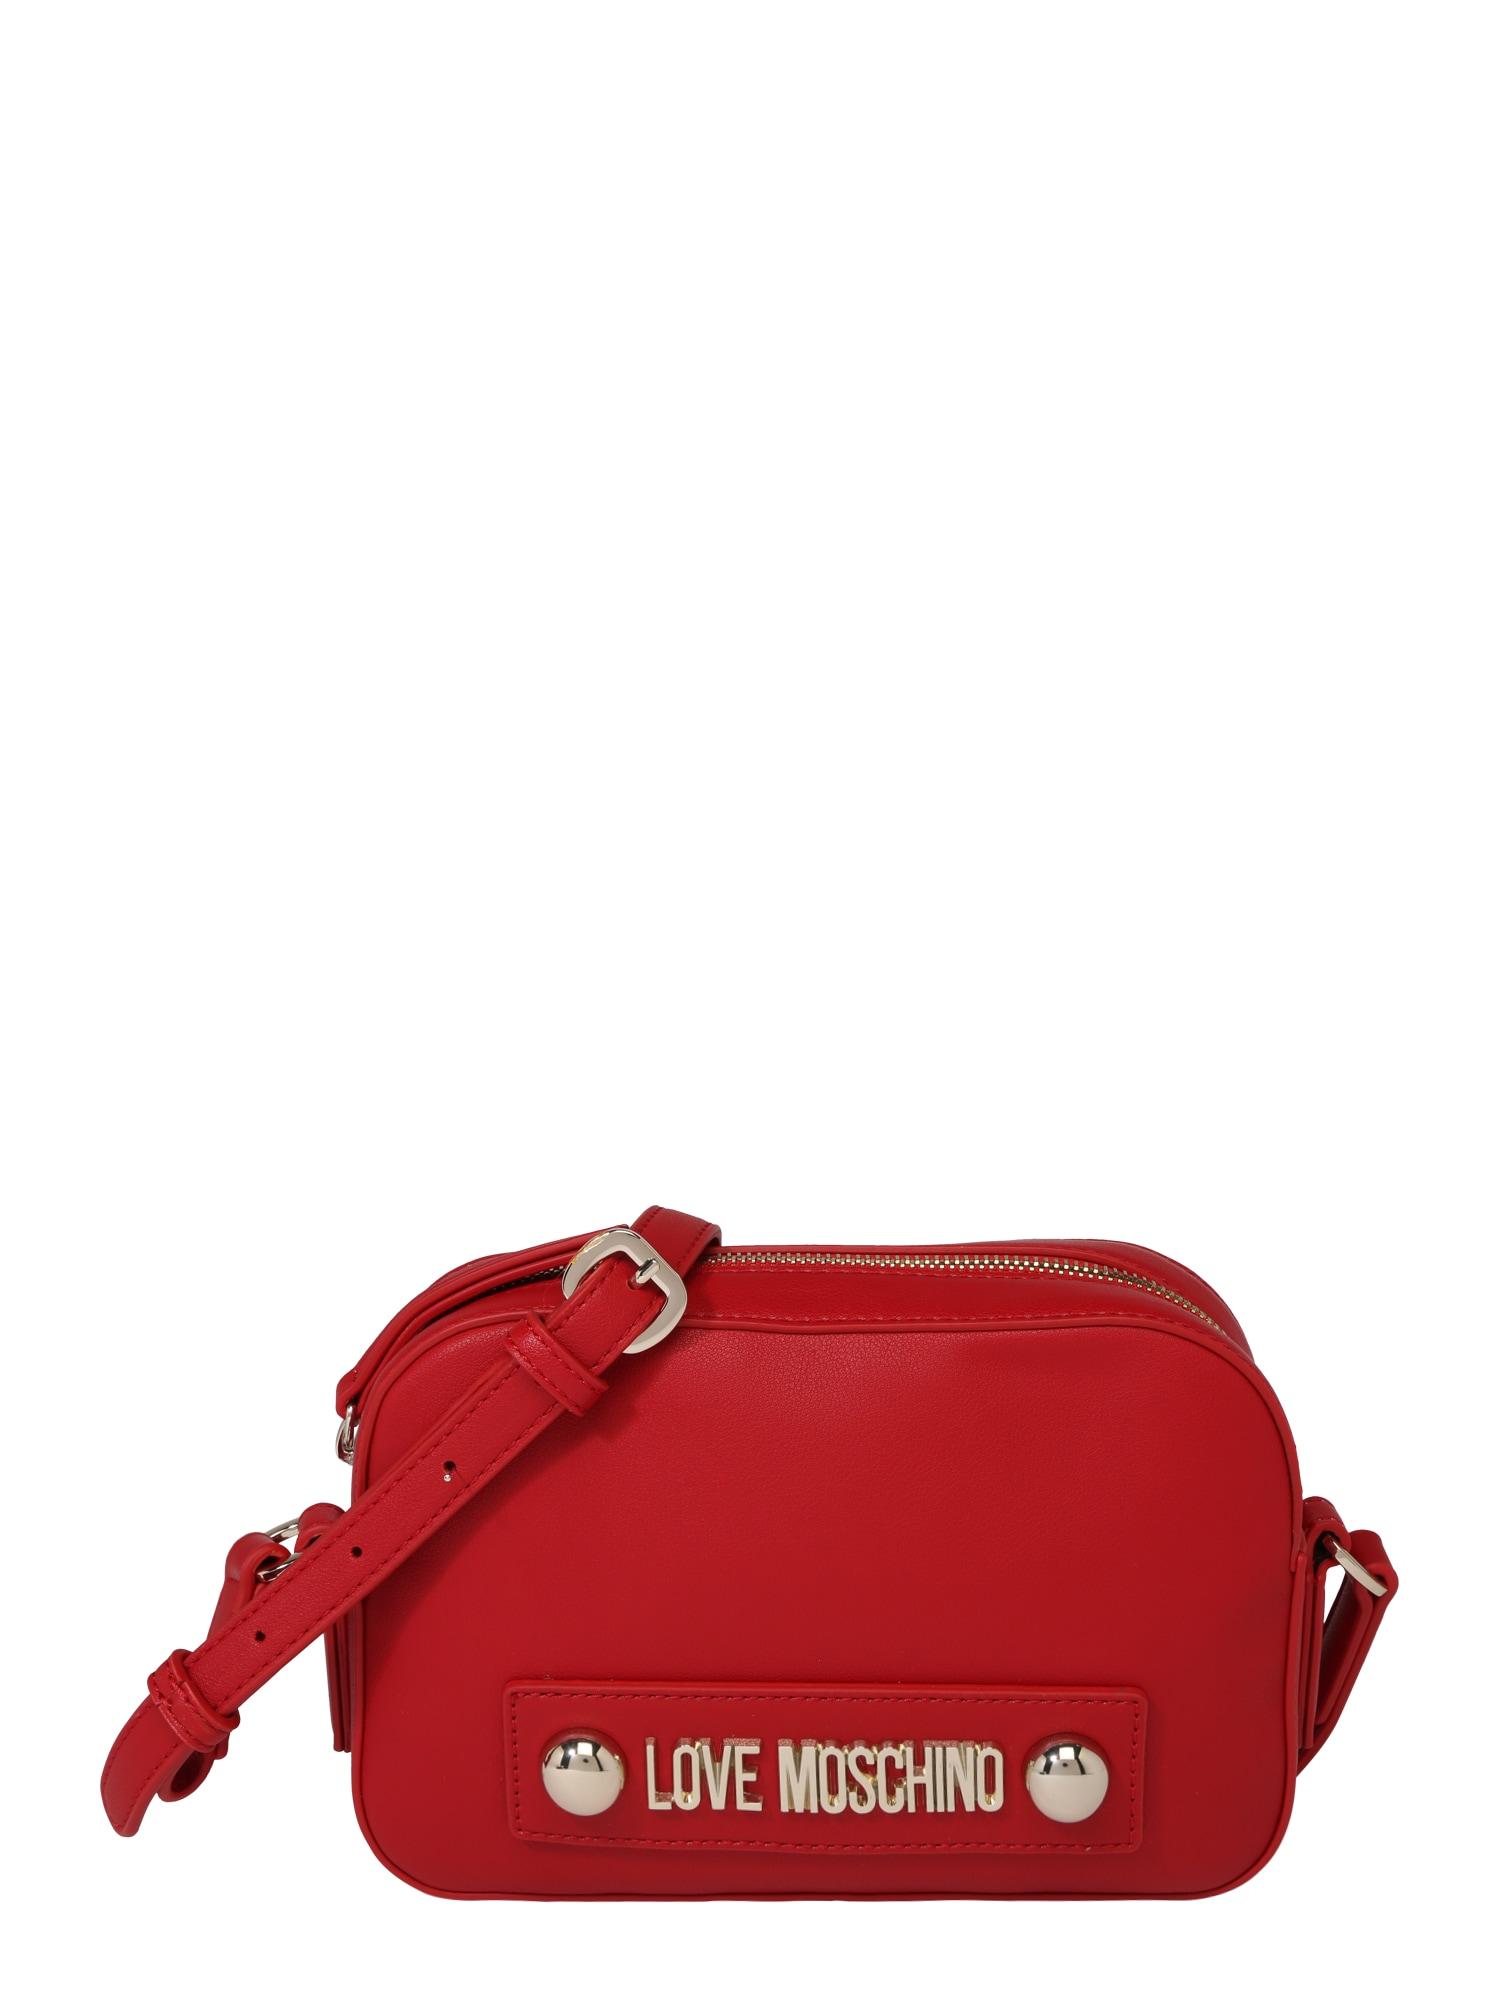 Kabelka BORSA NATURAL GRAIN PU ROSSO červená Love Moschino